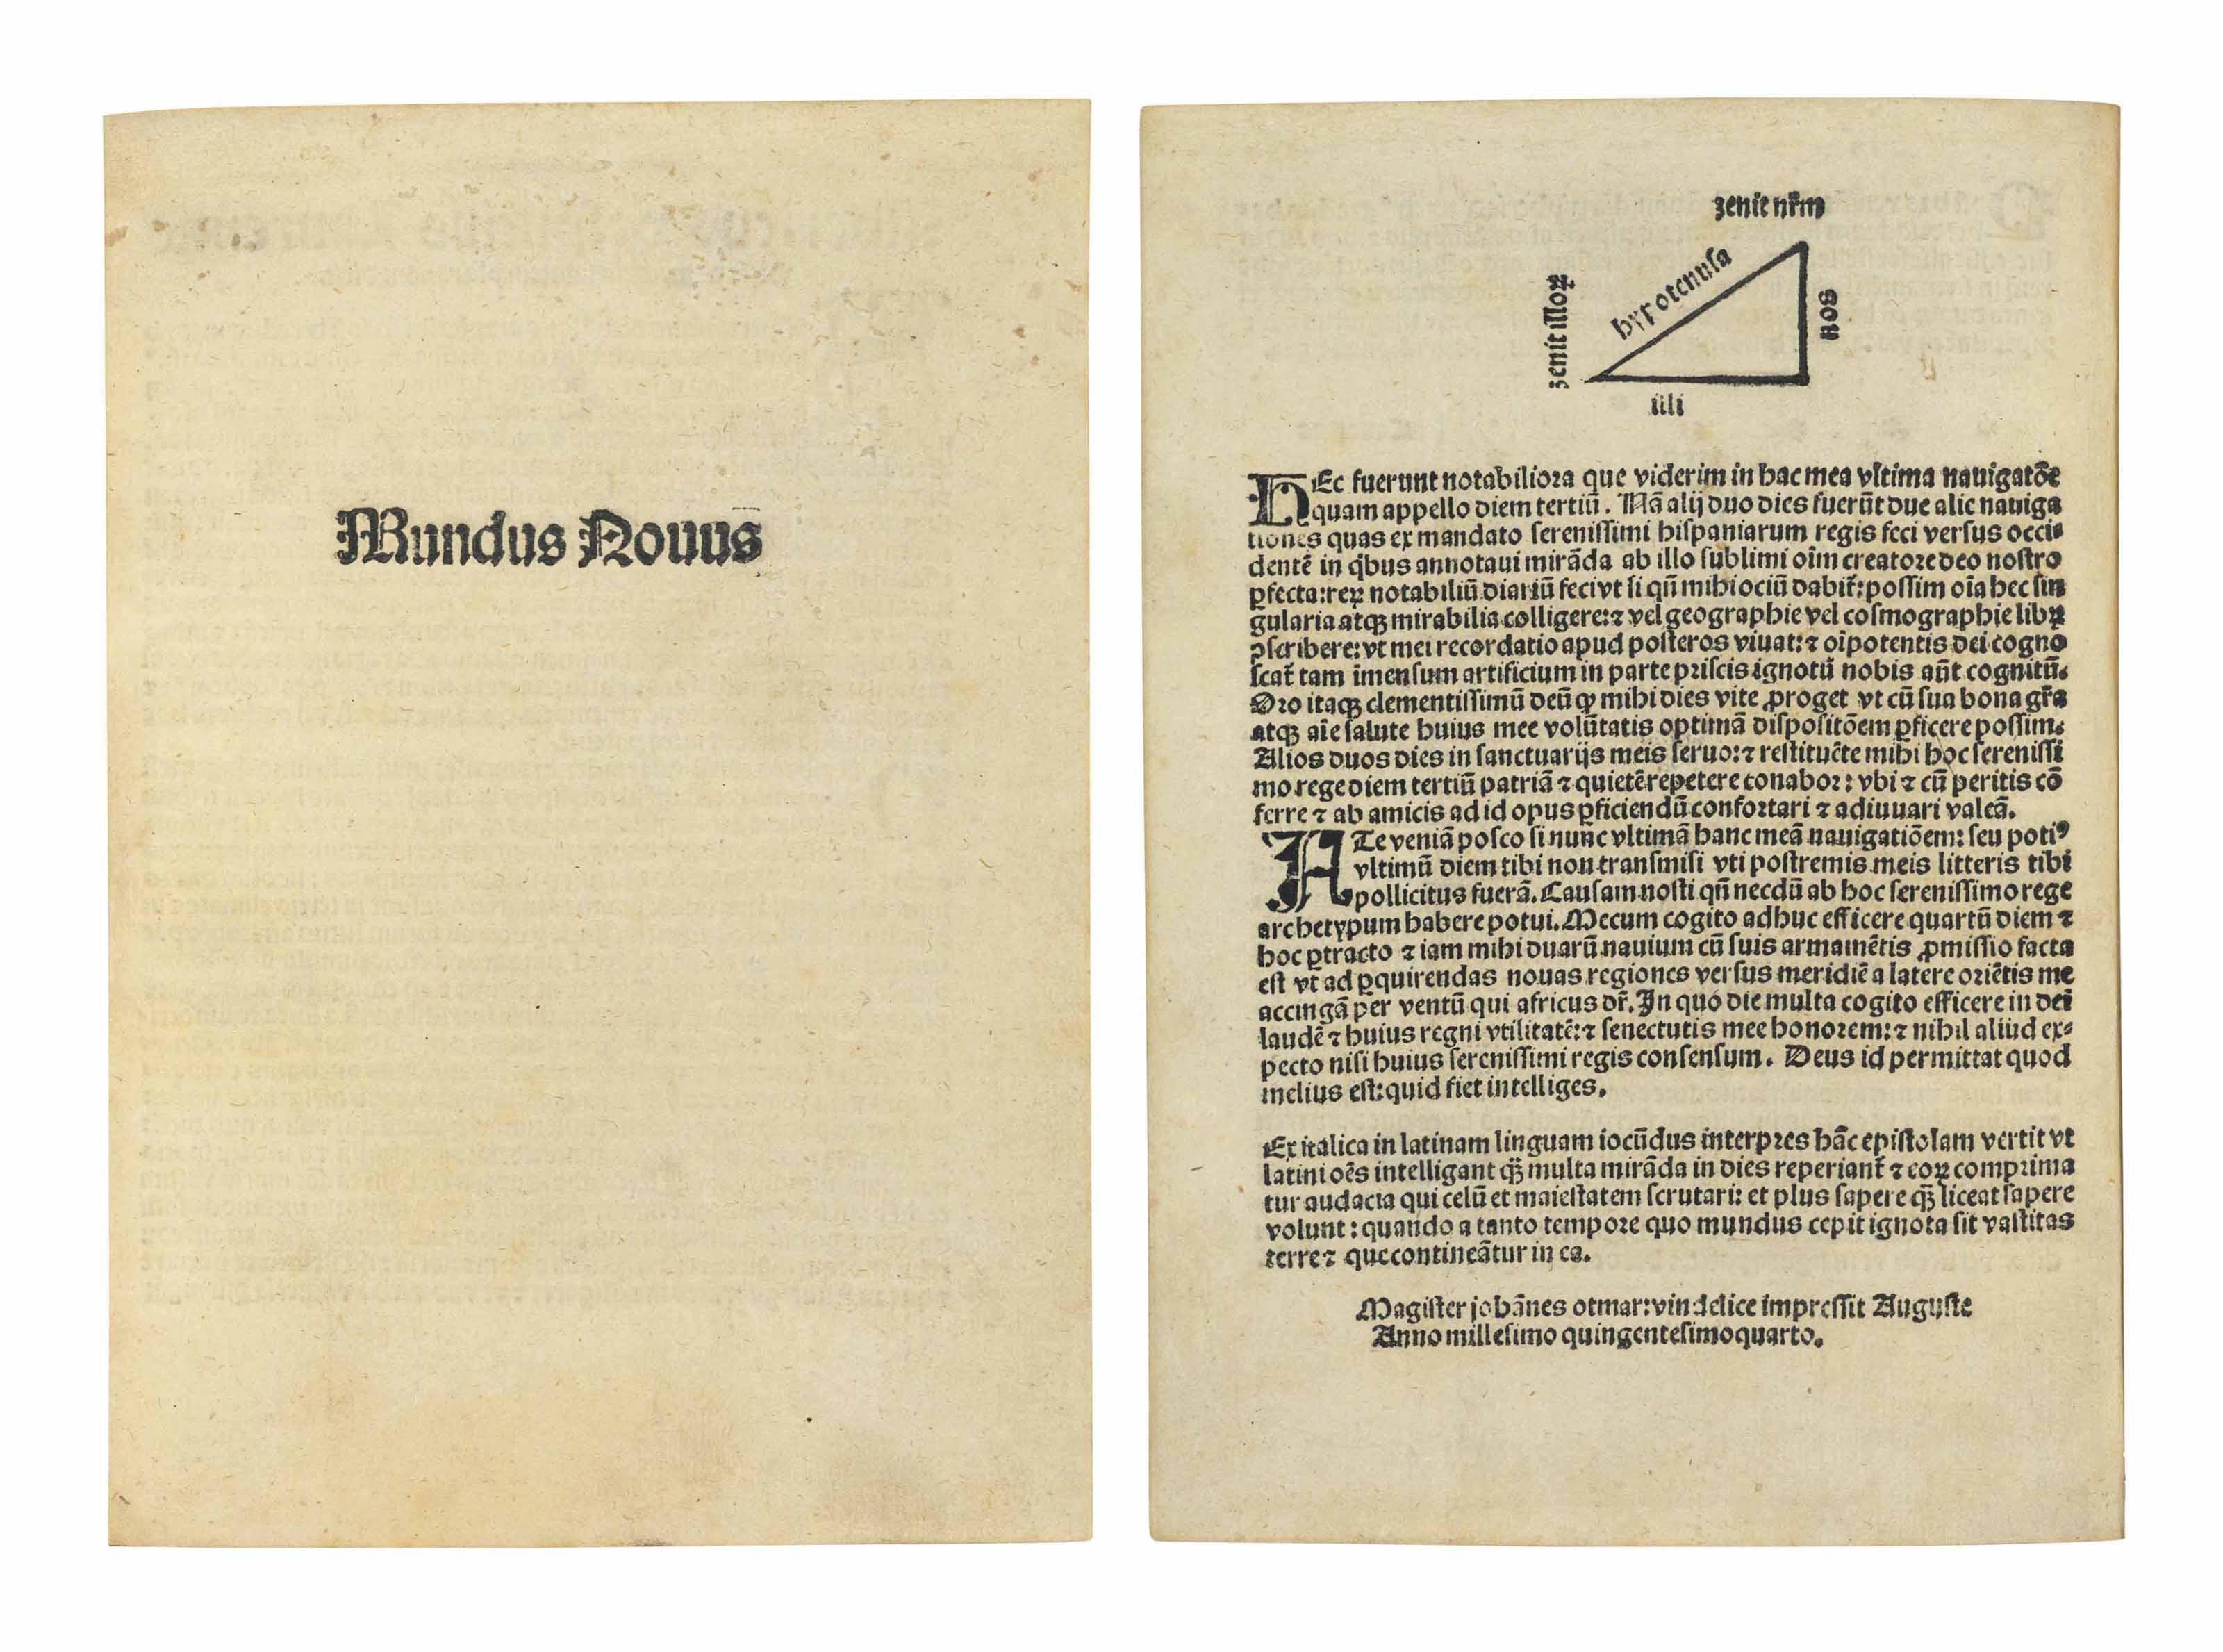 VESPUCCI, Amerigo (1454-1512).